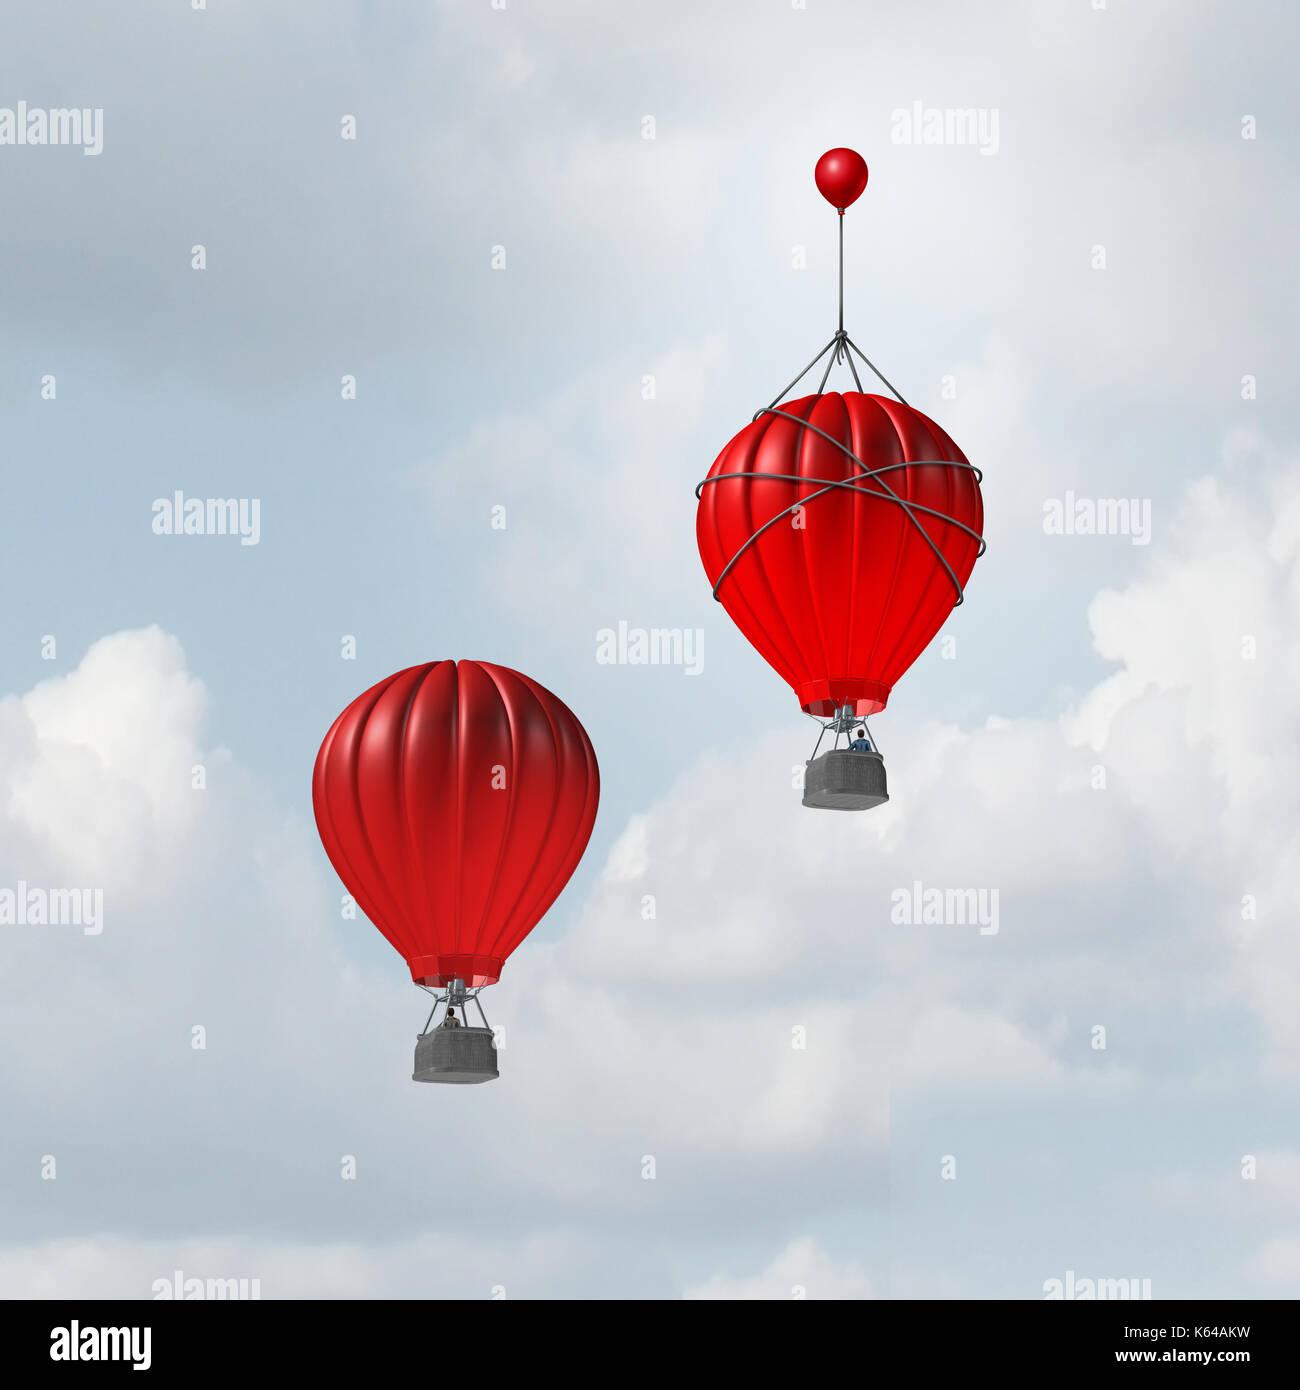 Concetto di vantaggio e vantaggio competitivo come due mongolfiere racing al top ma un leader con un piccolo palloncino collegato dando la vittoria. Immagini Stock